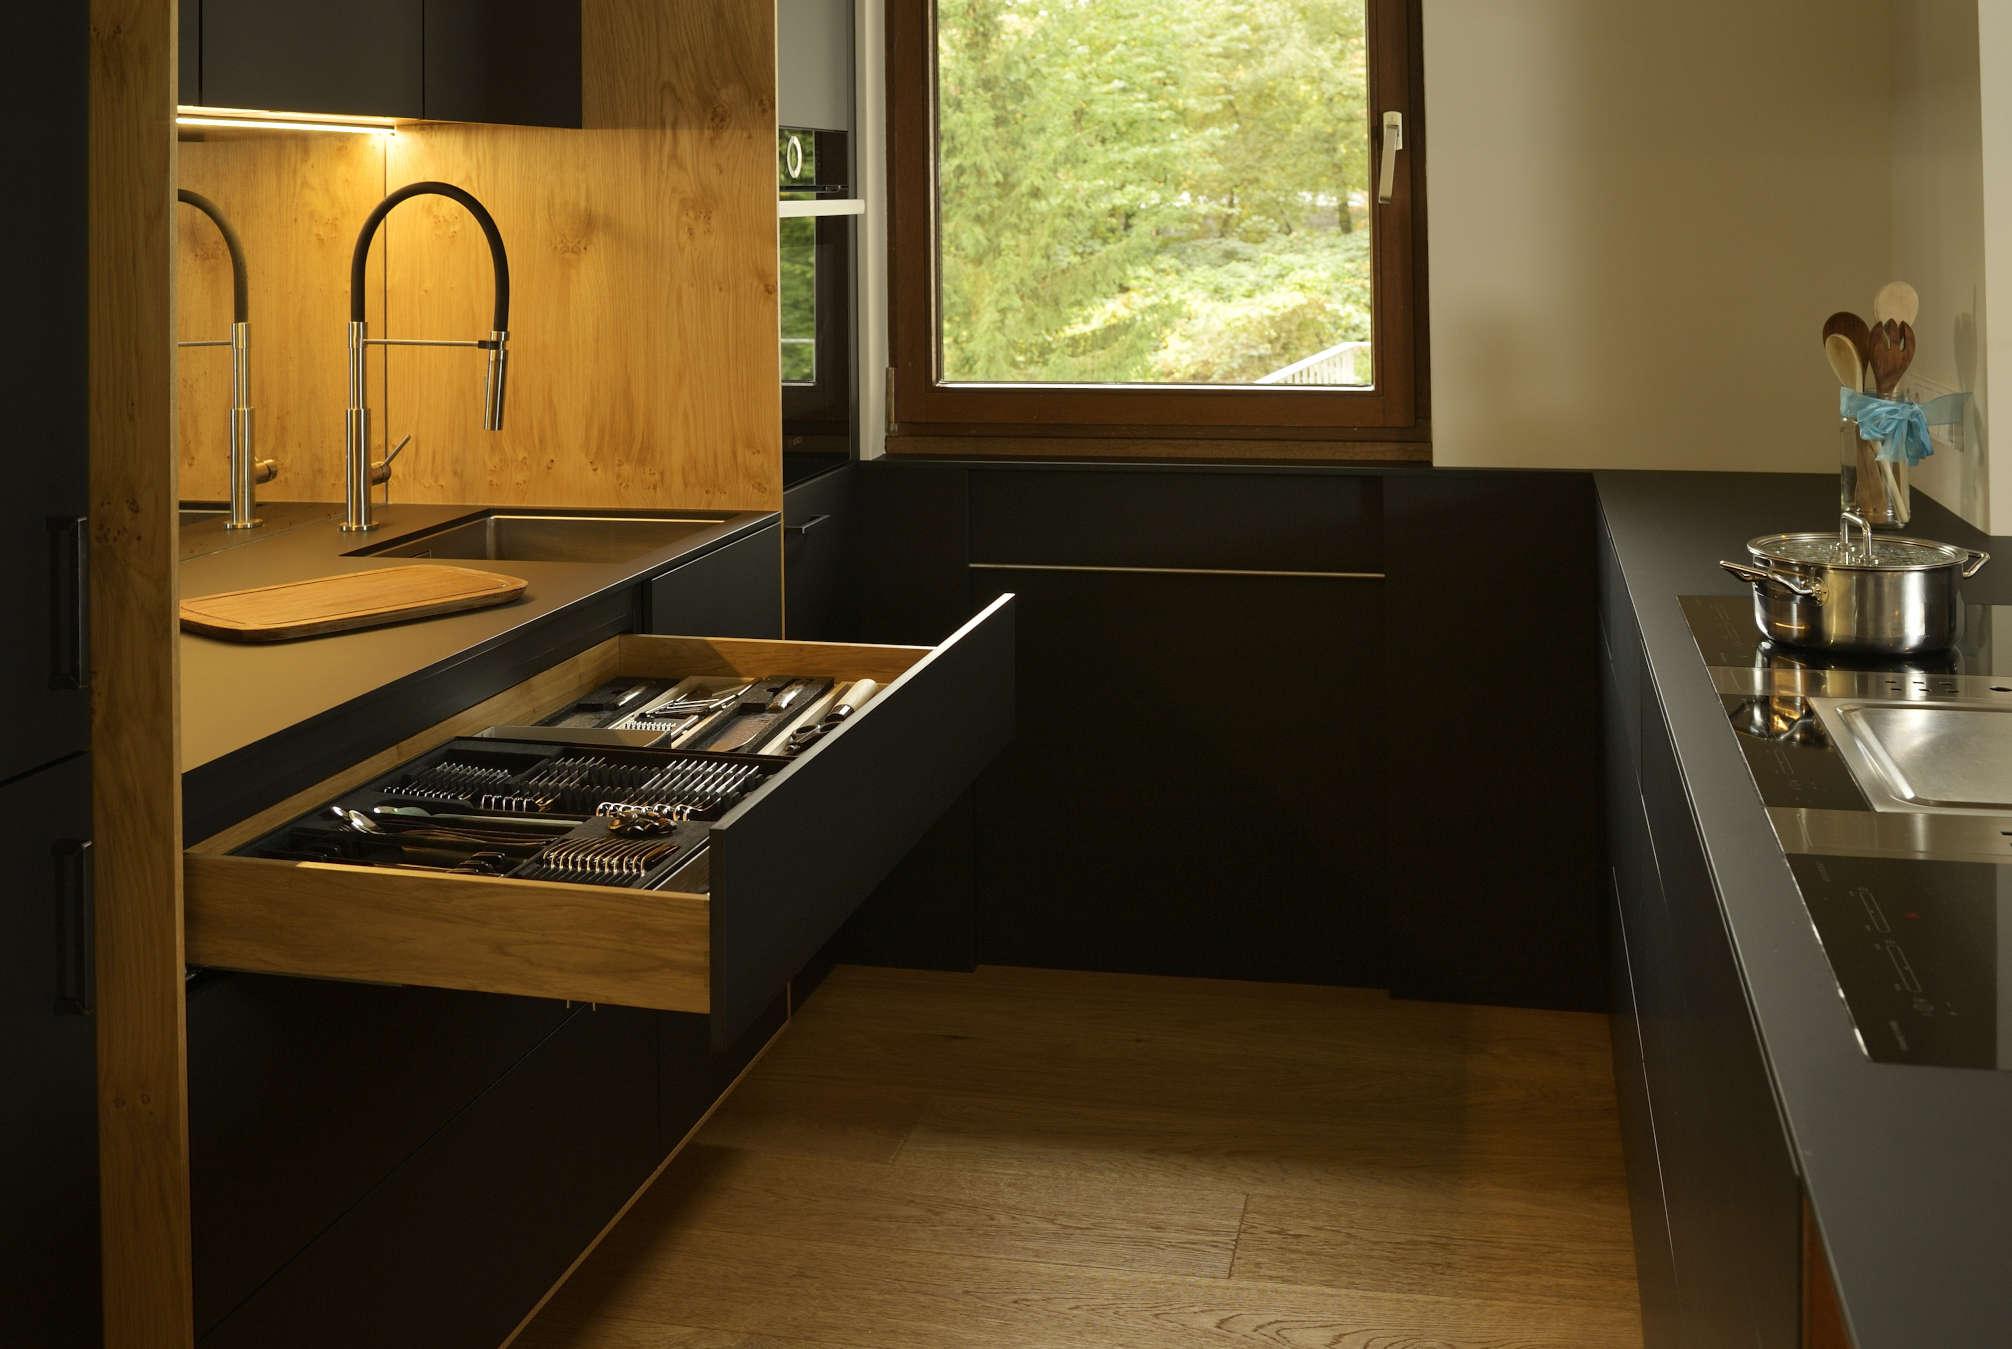 Küche matt schwarz und Holz mit ausgezogener Besteckschublade, eingelassenem Kochfeld und Spüle